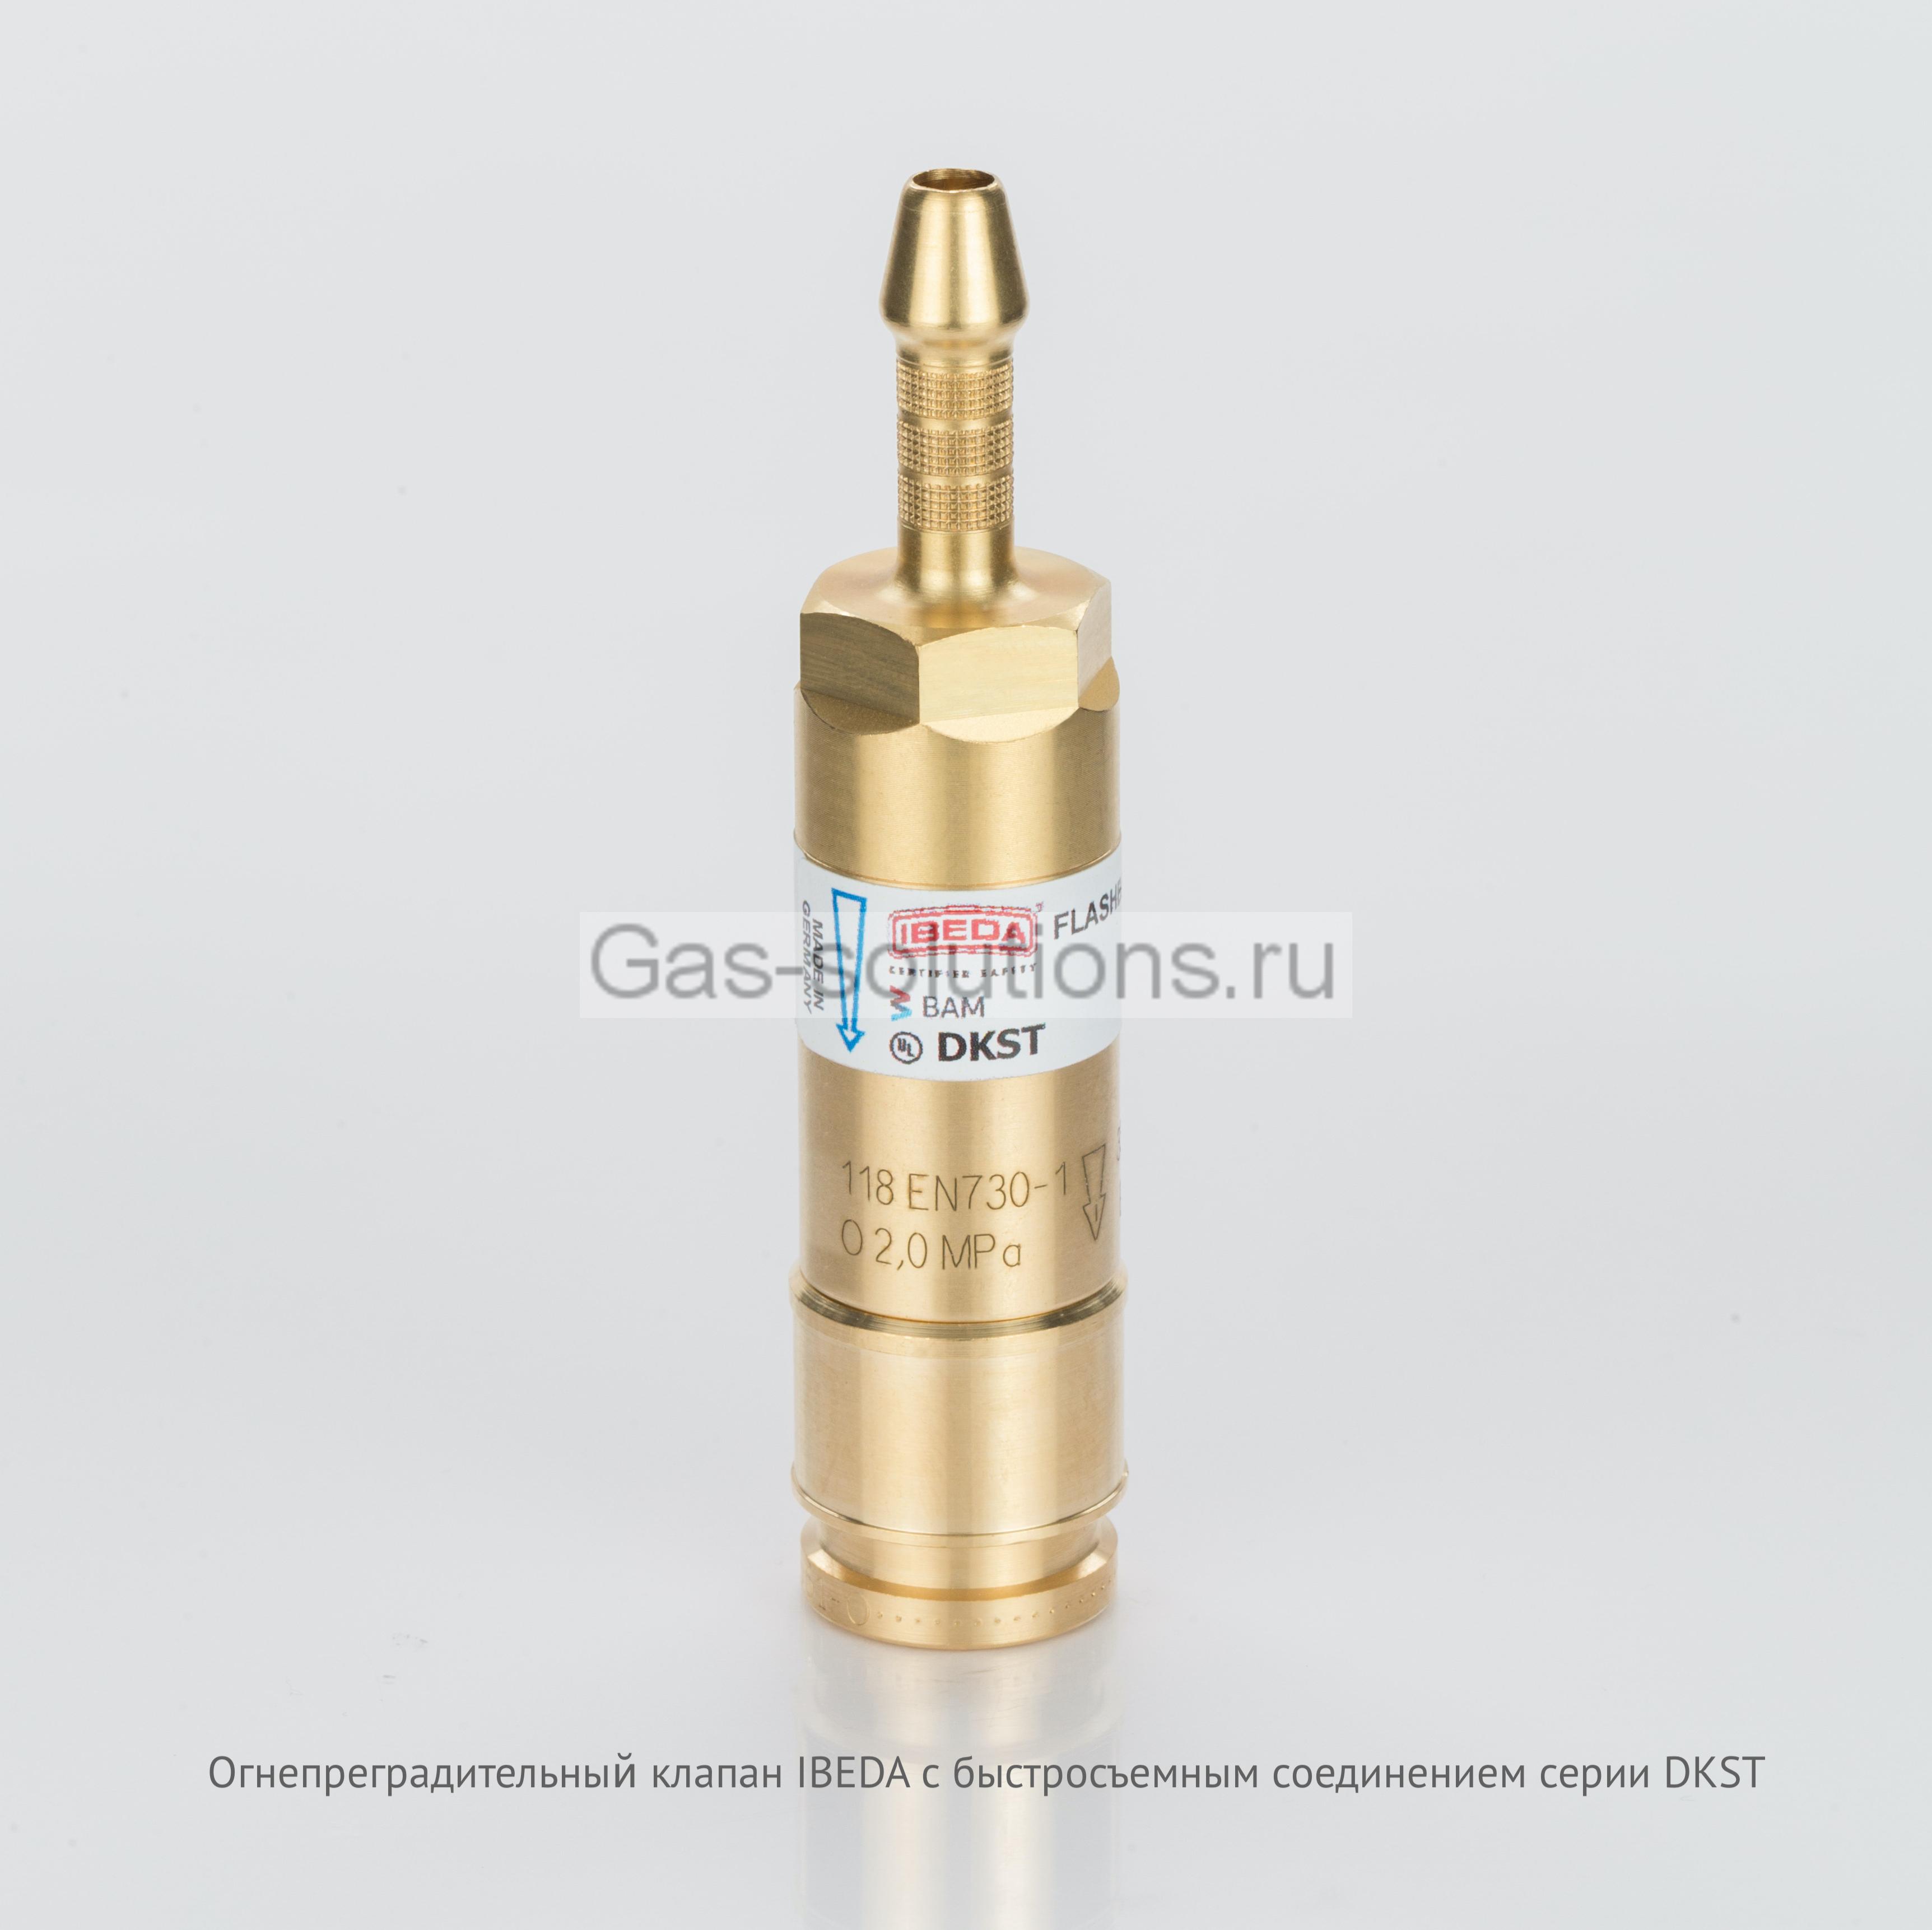 Огнепреградительный клапан IBEDA с быстросъемным соединением серии DKST